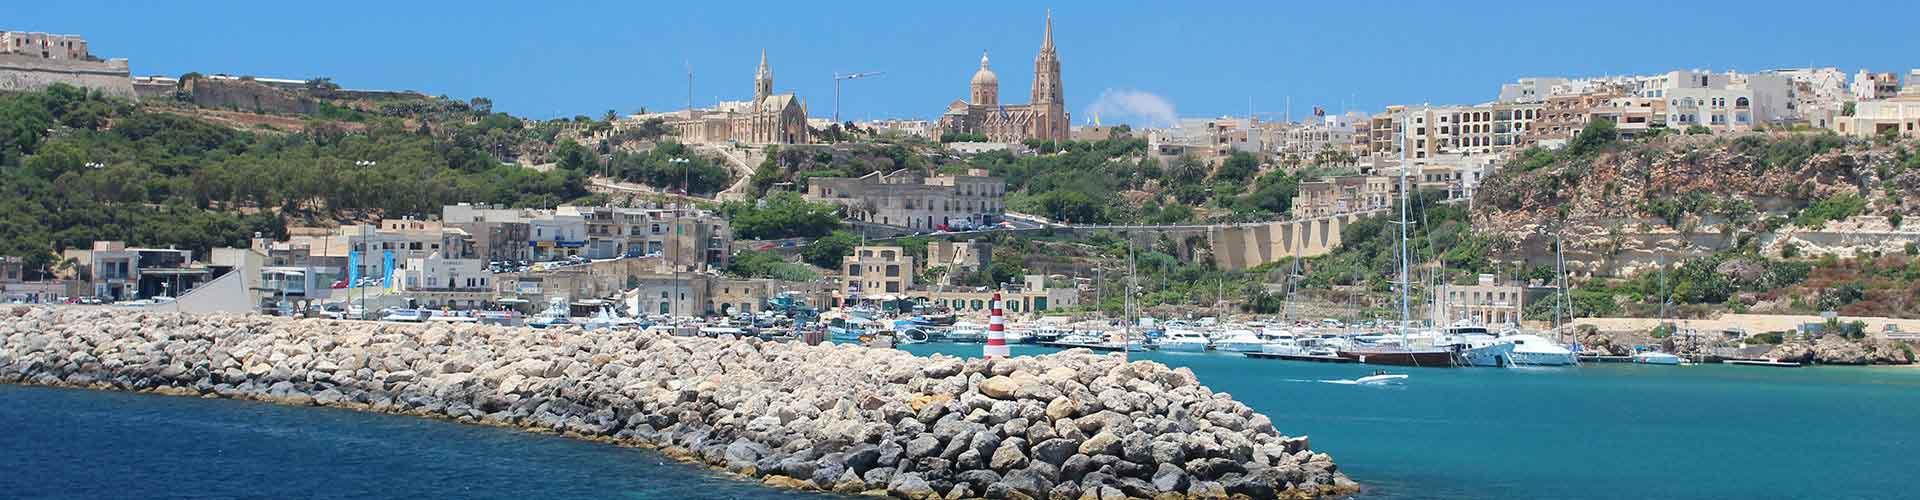 Gozo - Appartments à Gozo. Cartes pour Gozo, photos et commentaires pour chaque appartement à Gozo.